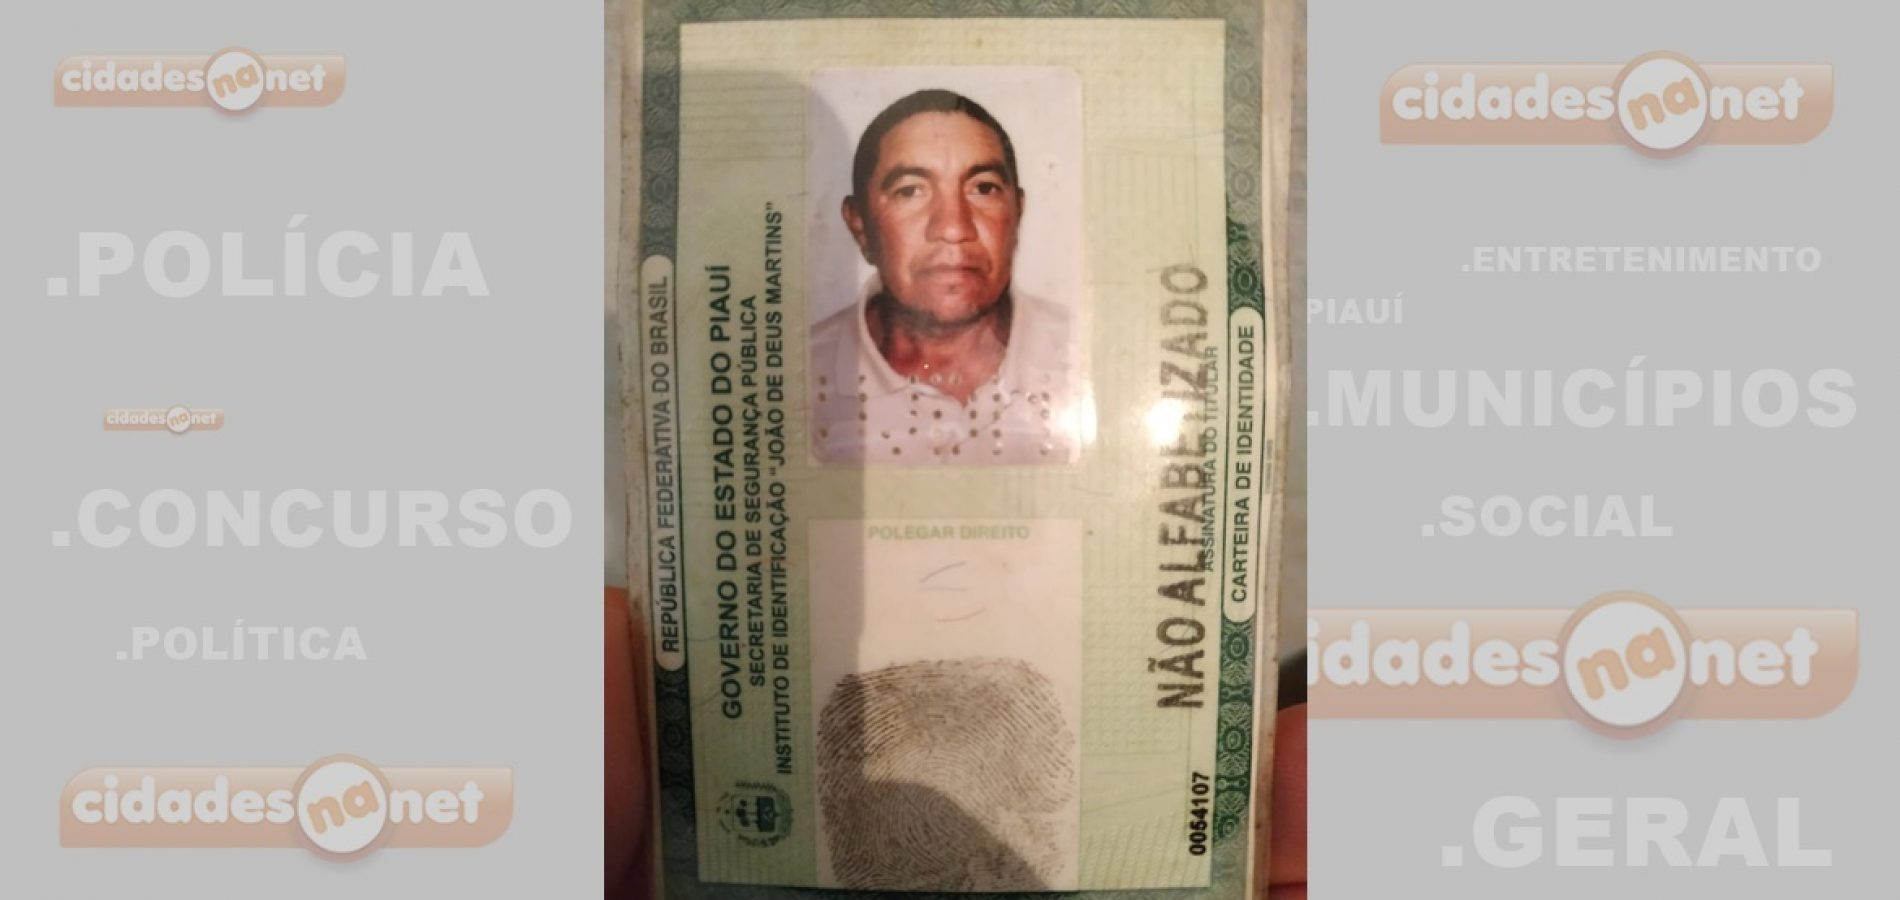 Homem é encontrado morto dentro da sua própria residência no Piauí - Imagem 1